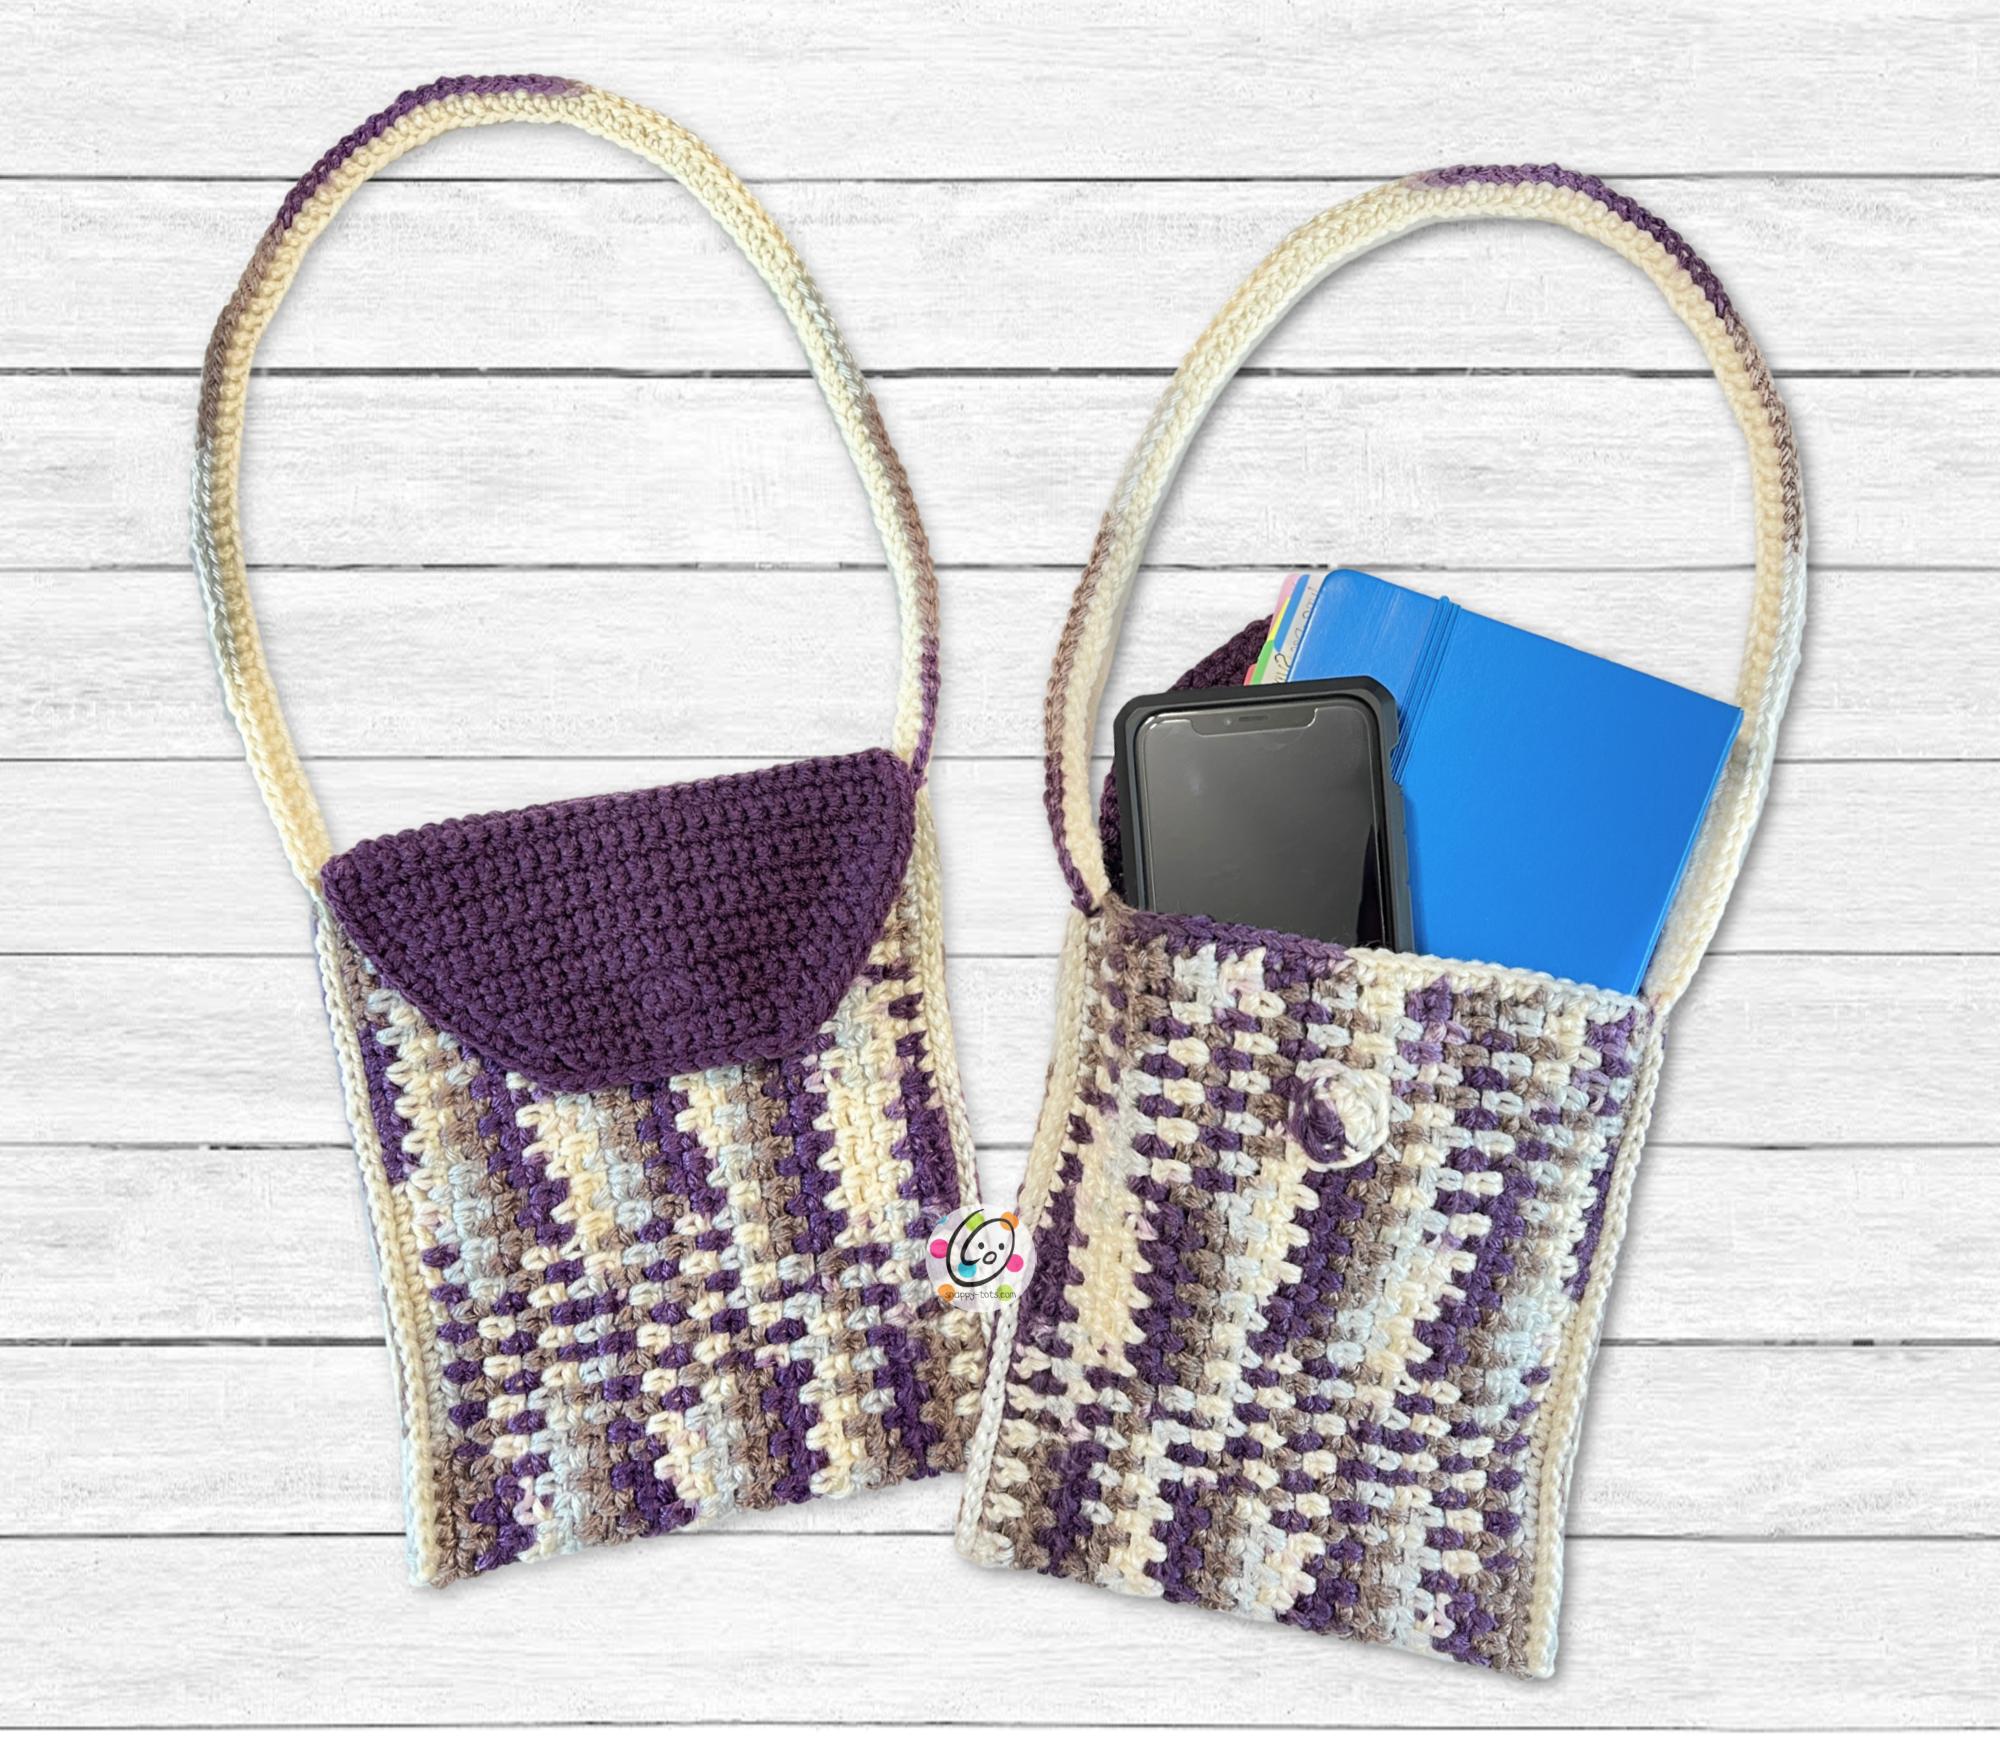 Crochet gift event